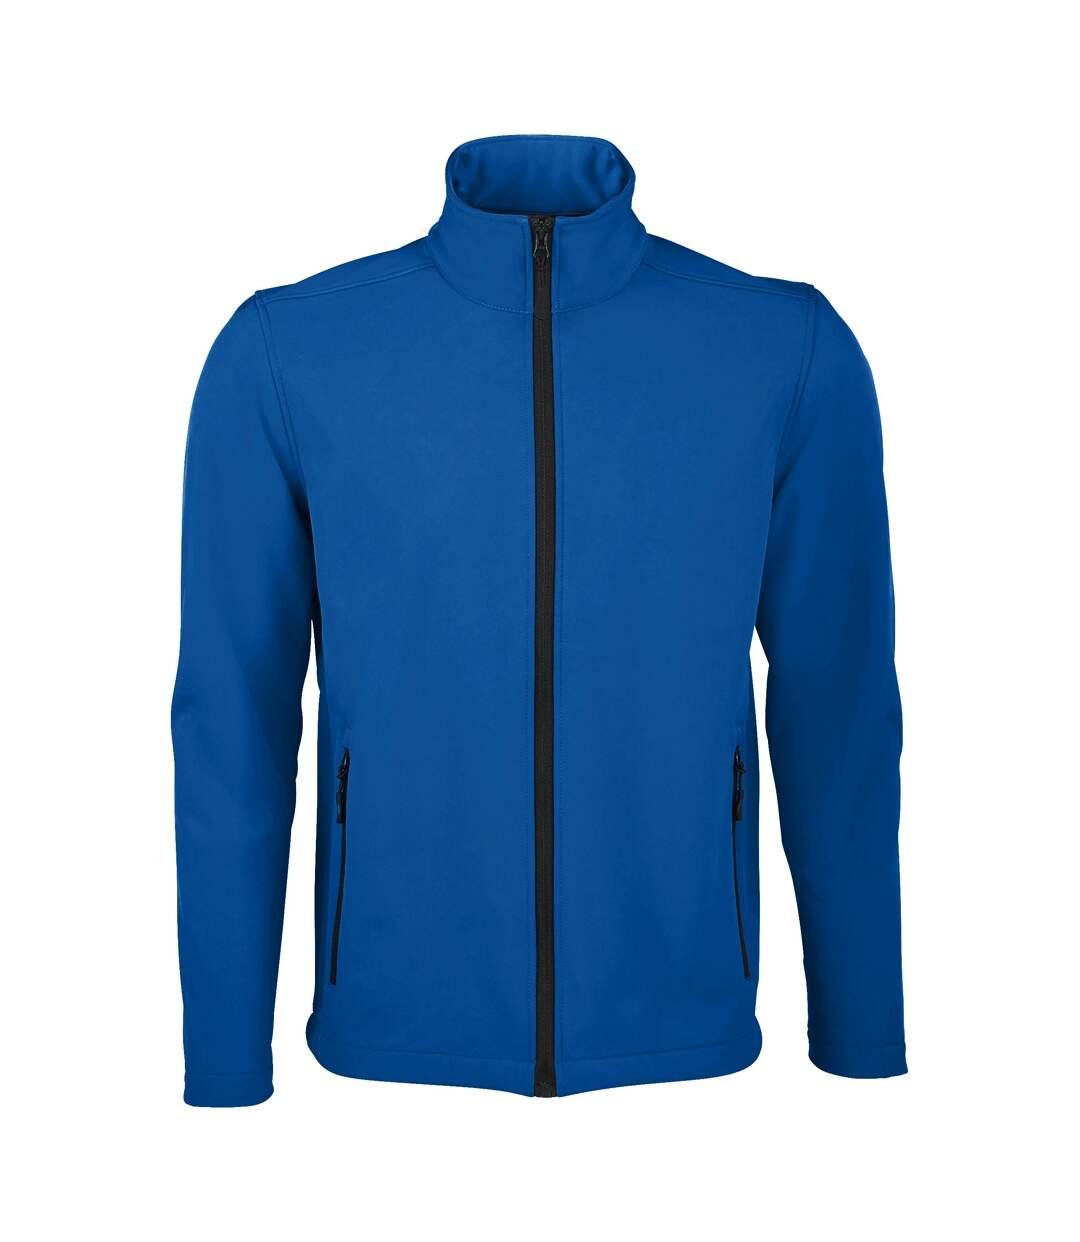 Sols - Veste Softshell Race - Homme (Bleu roi) - UTPC2549